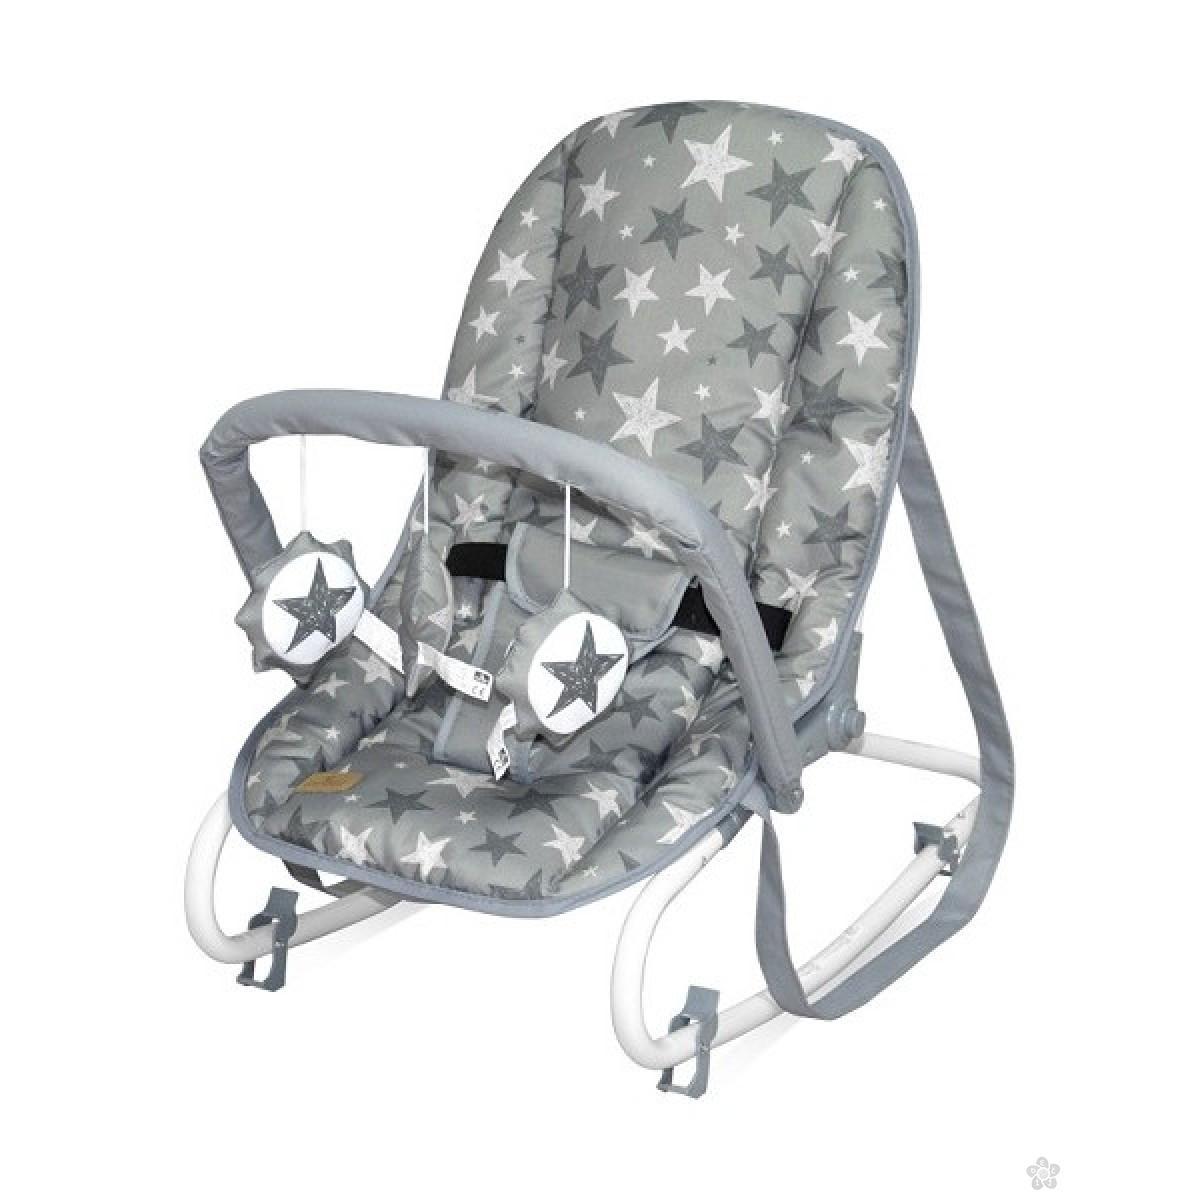 Ležaljka Top Relax Grey Stars 10110022015